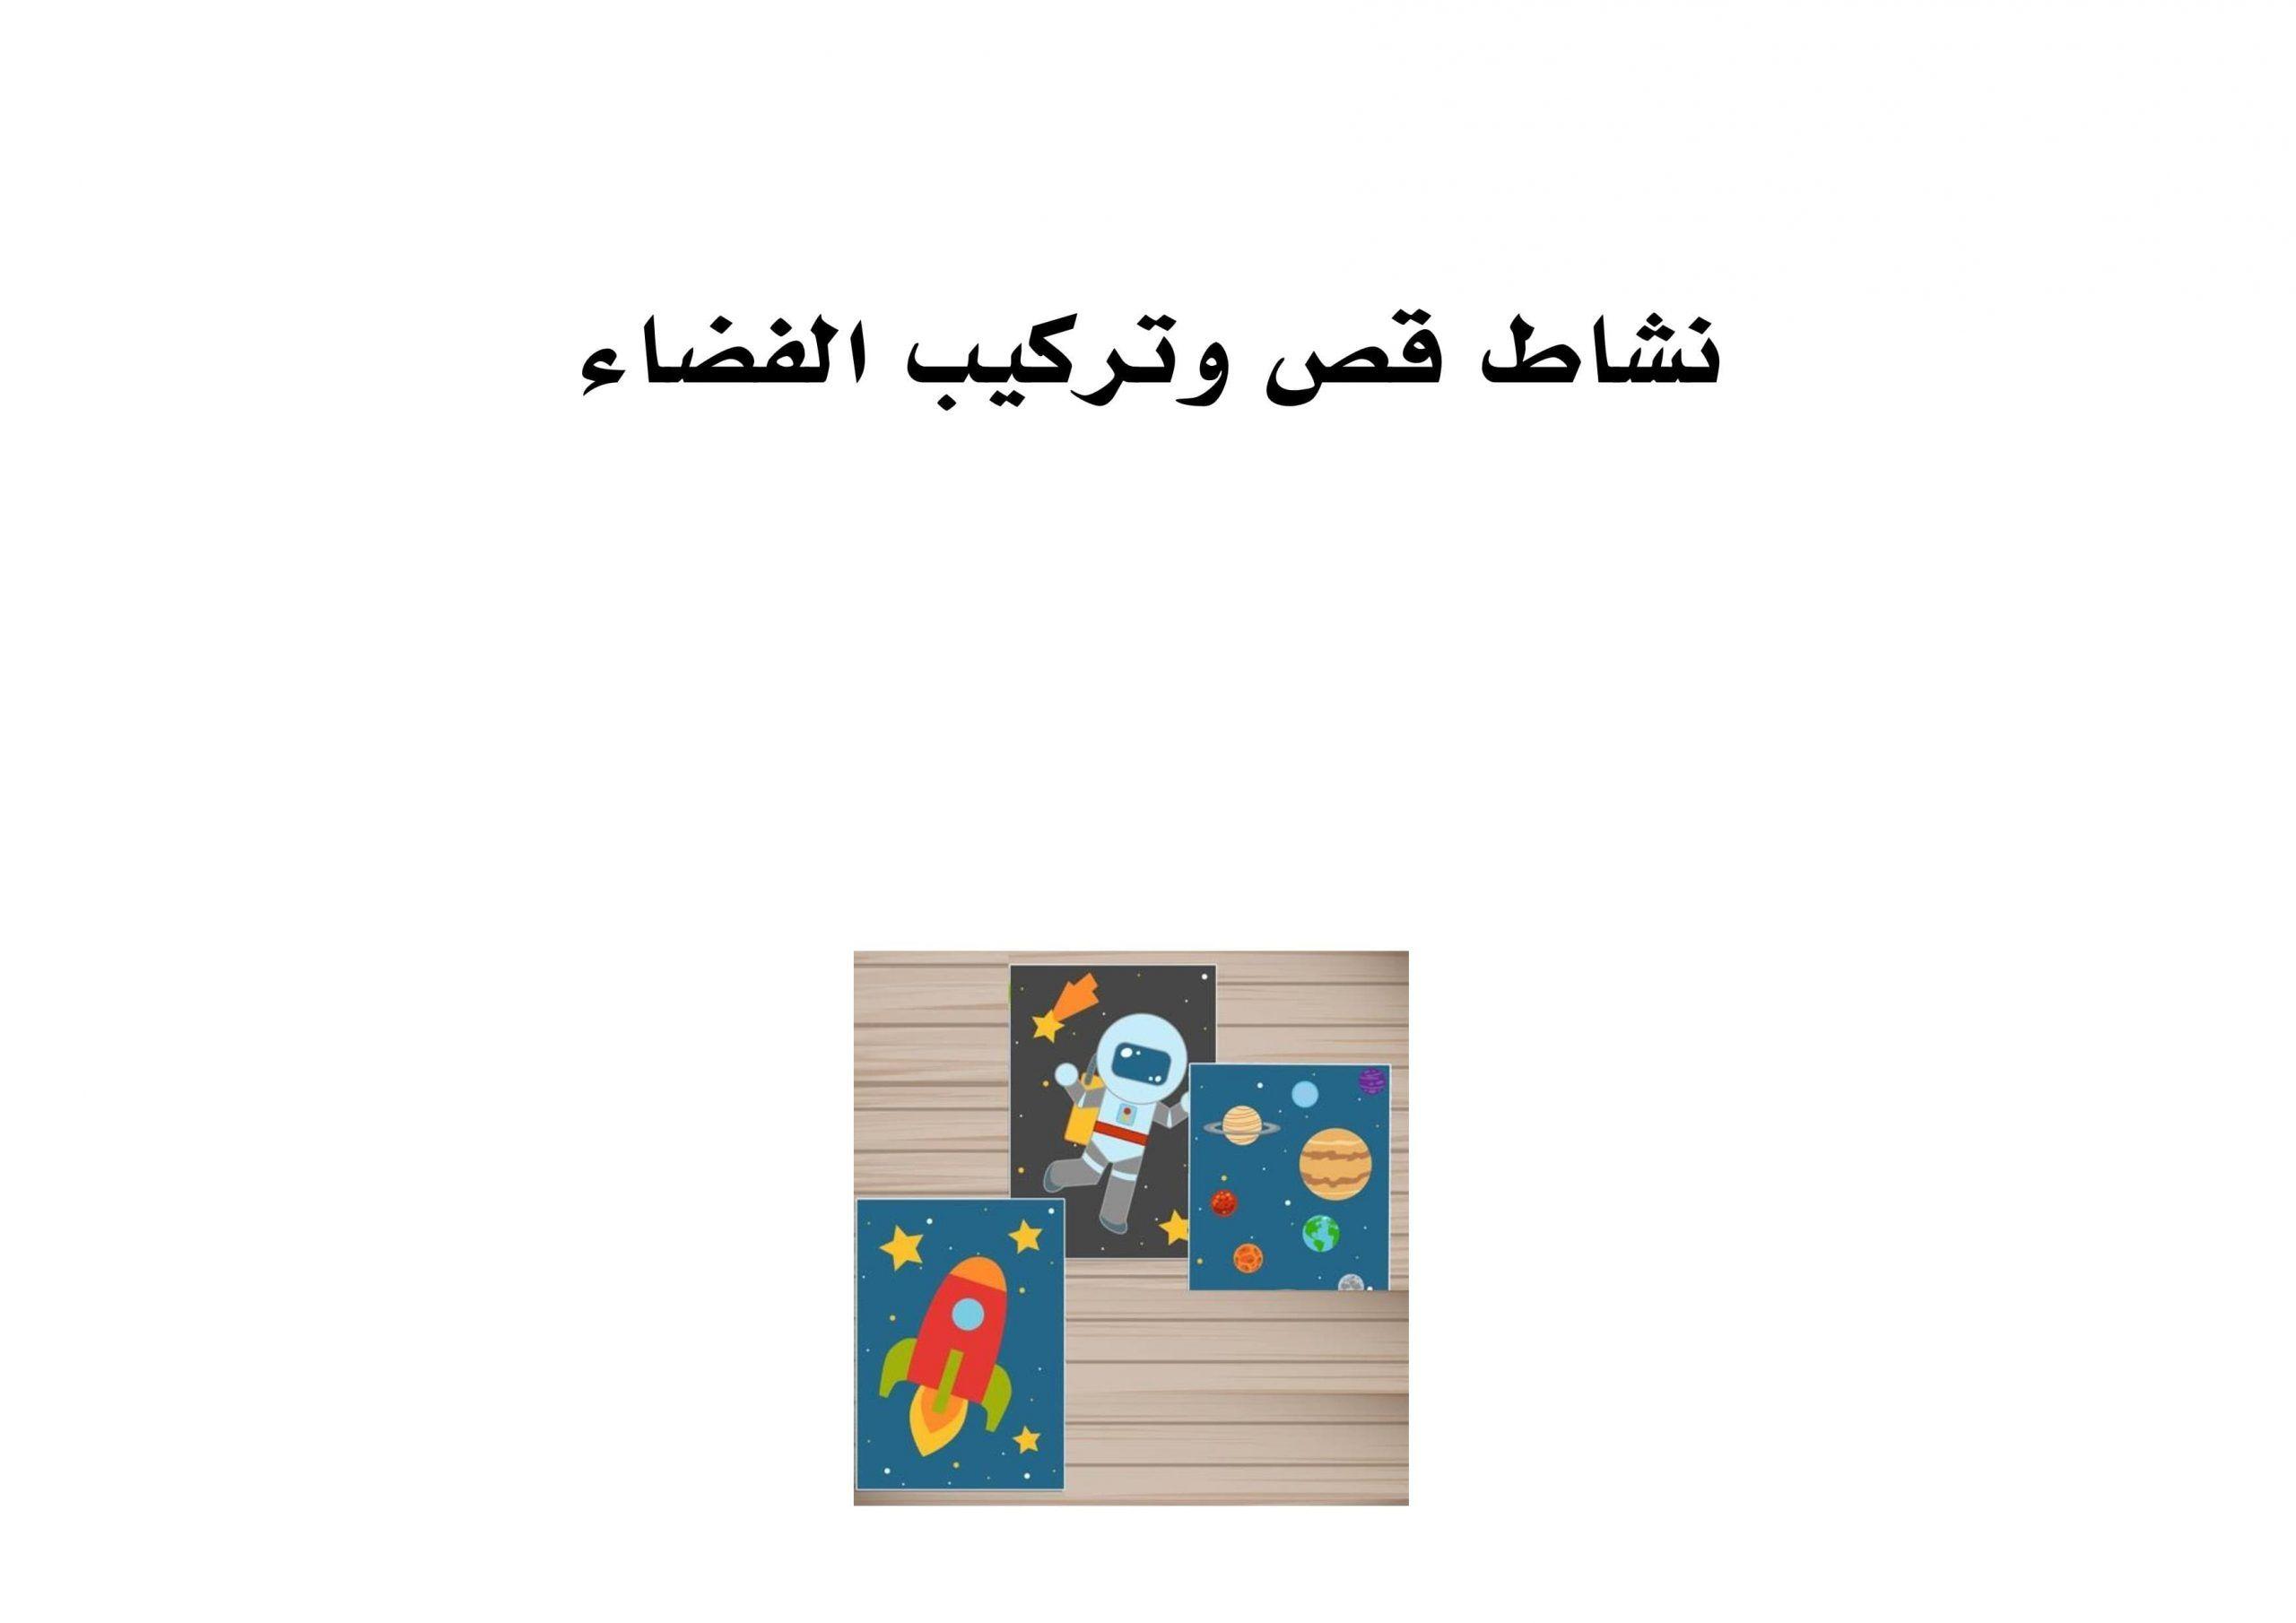 نشاط قص و تركيب الفضاء الاطفال لتعلم و التسلية و المرح Art Desktop Screenshot Desktop